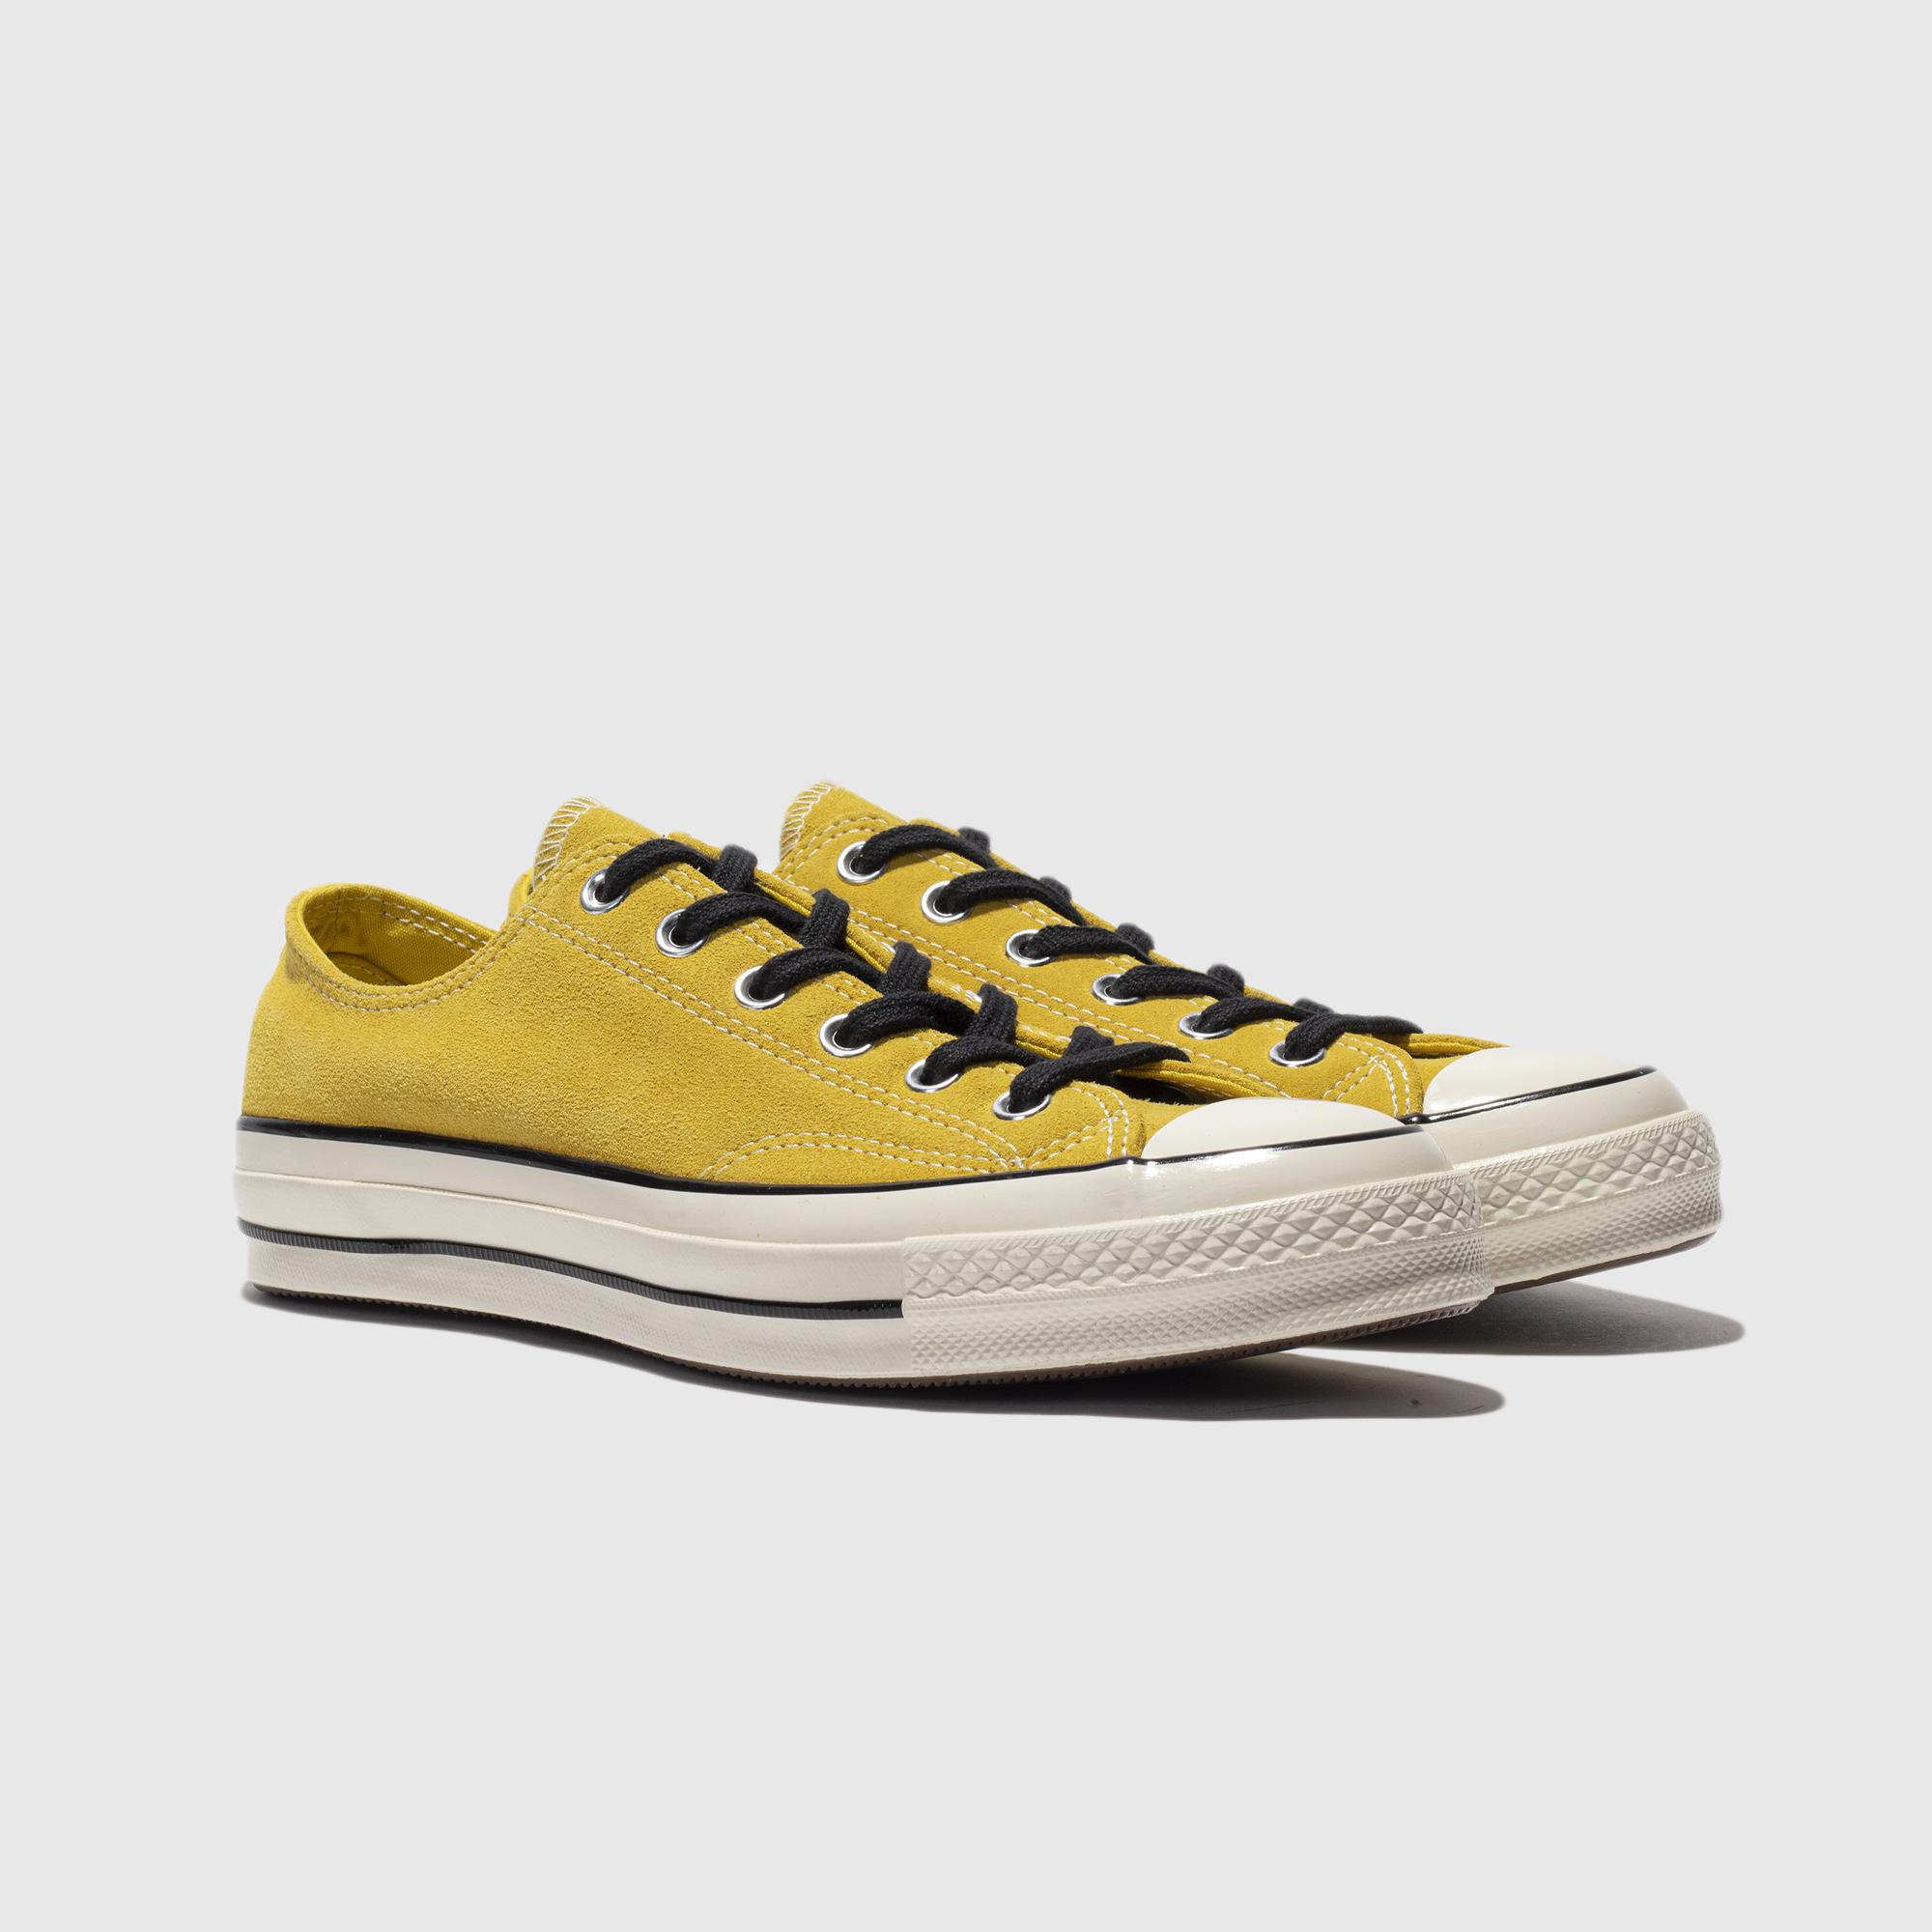 CONVERSE 1970S Suede Suede Yellow Low Top Converse 70S Giày vải tiêu chuẩn Samsung 163760C - Plimsolls